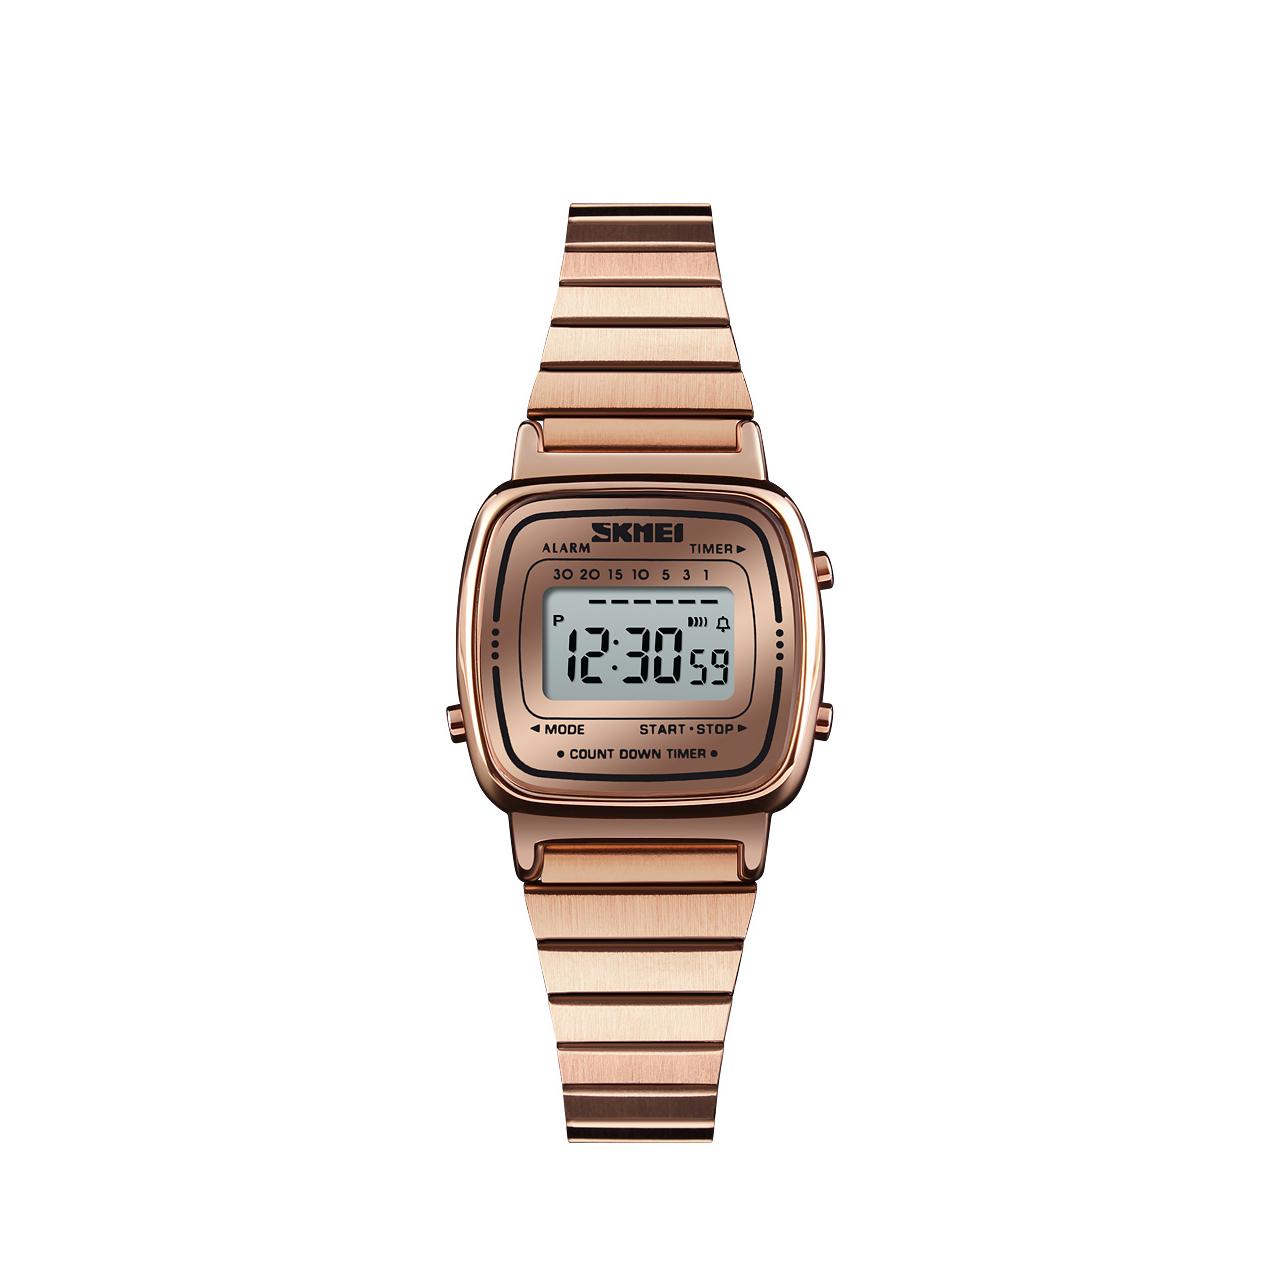 ساعت مچی دیجیتال زنانه اسکمی مدل 1252 کد 01 38